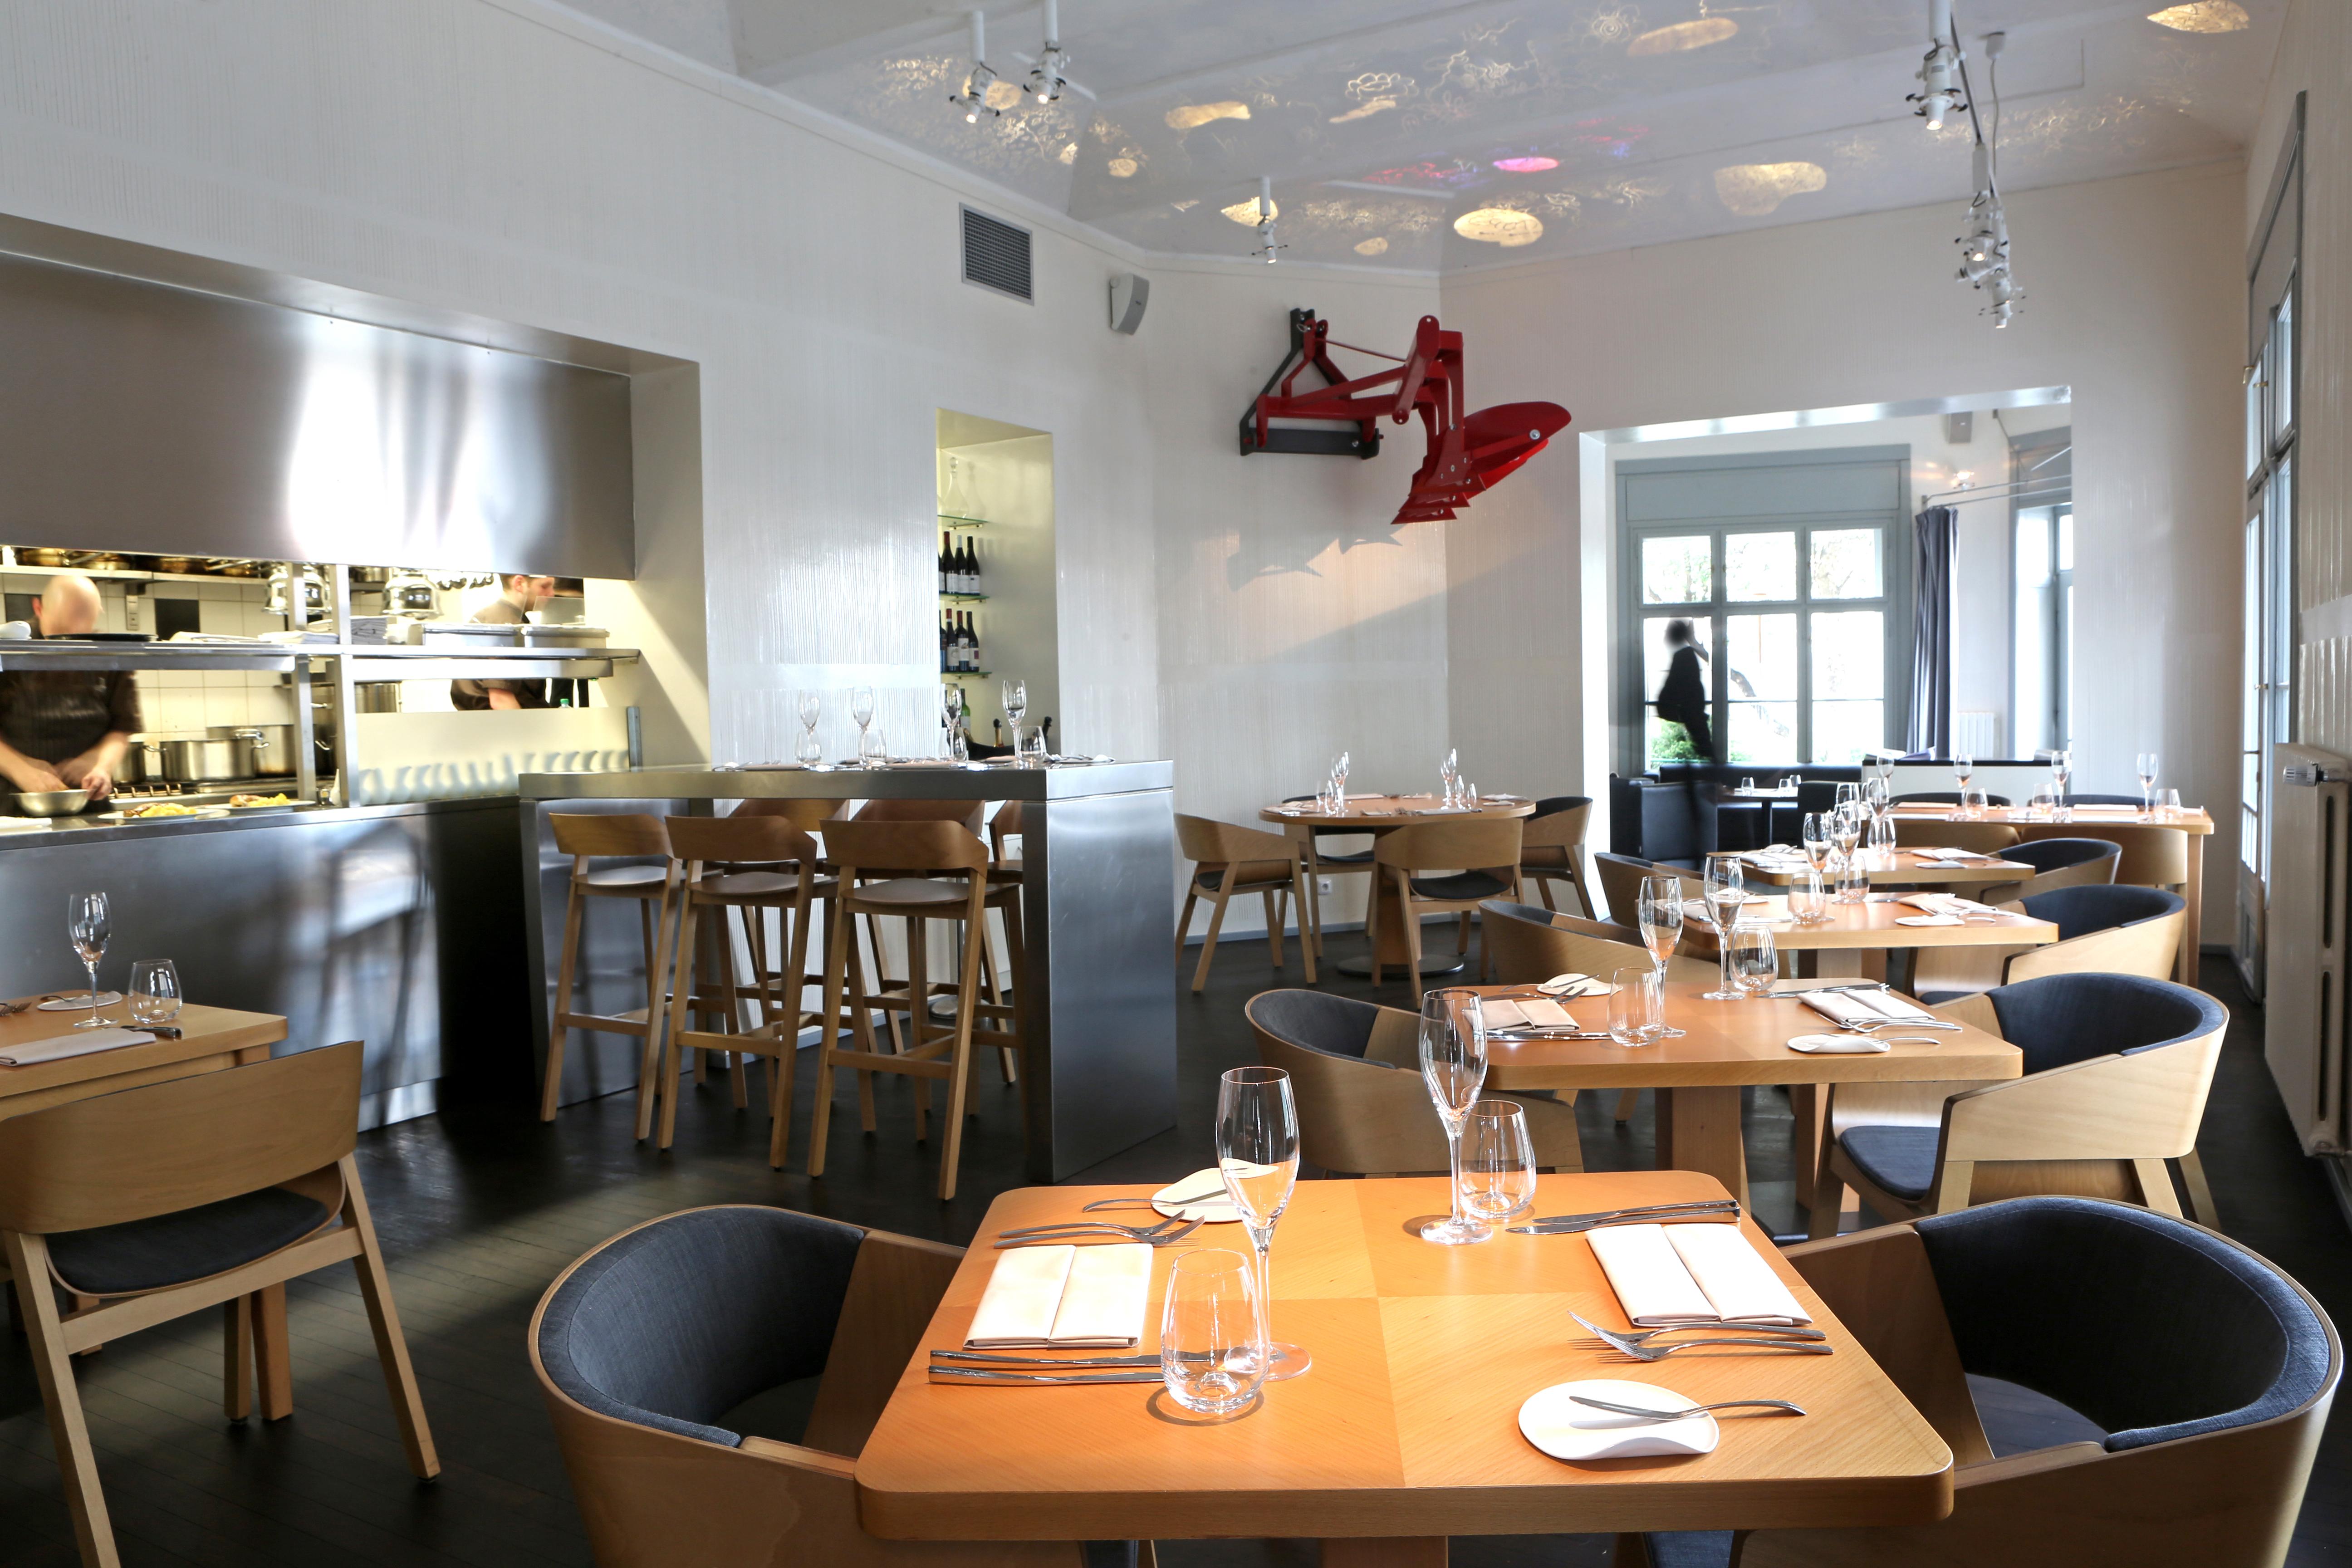 Field restaurant prague.eu